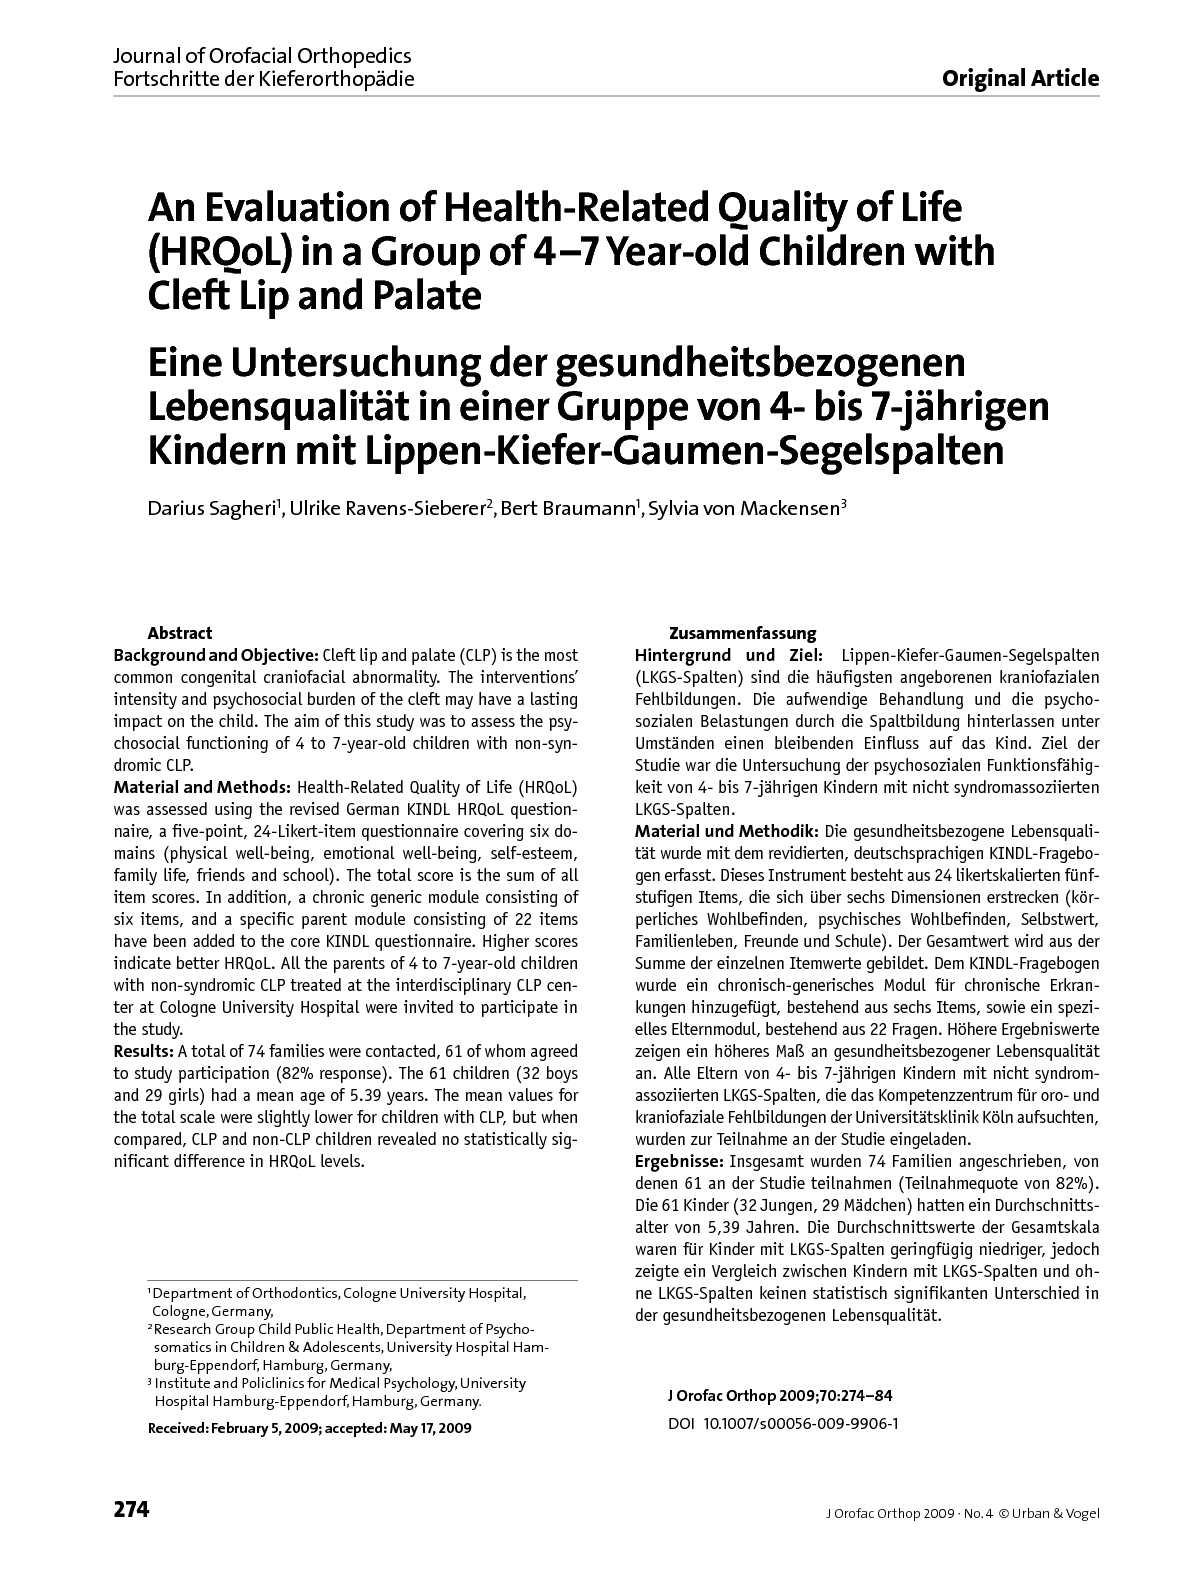 Calaméo - Journal of Orofacial Orthopedics Fortschritte der ...